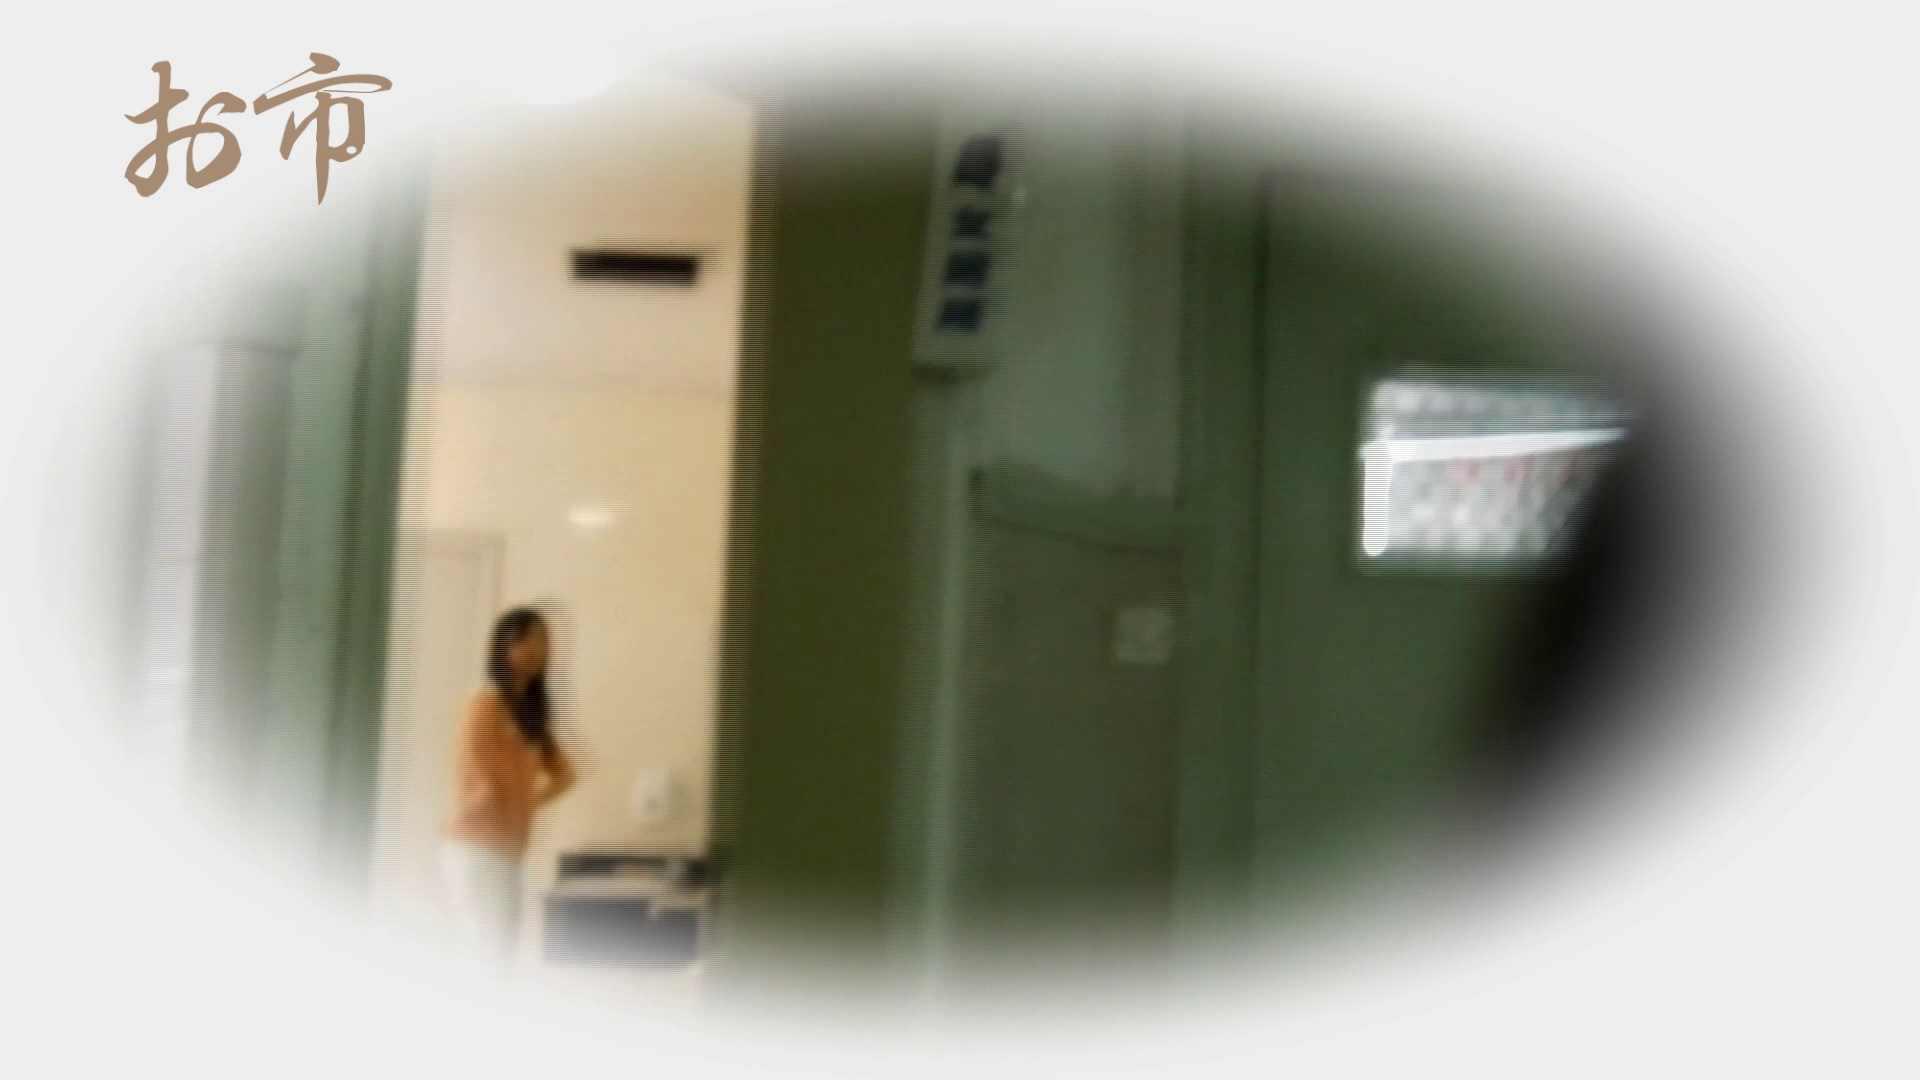 潜入!!台湾名門女学院 Vol.12 長身モデル驚き見たことないシチュエーション エロくん潜入 | 盗撮映像大放出  25連発 1